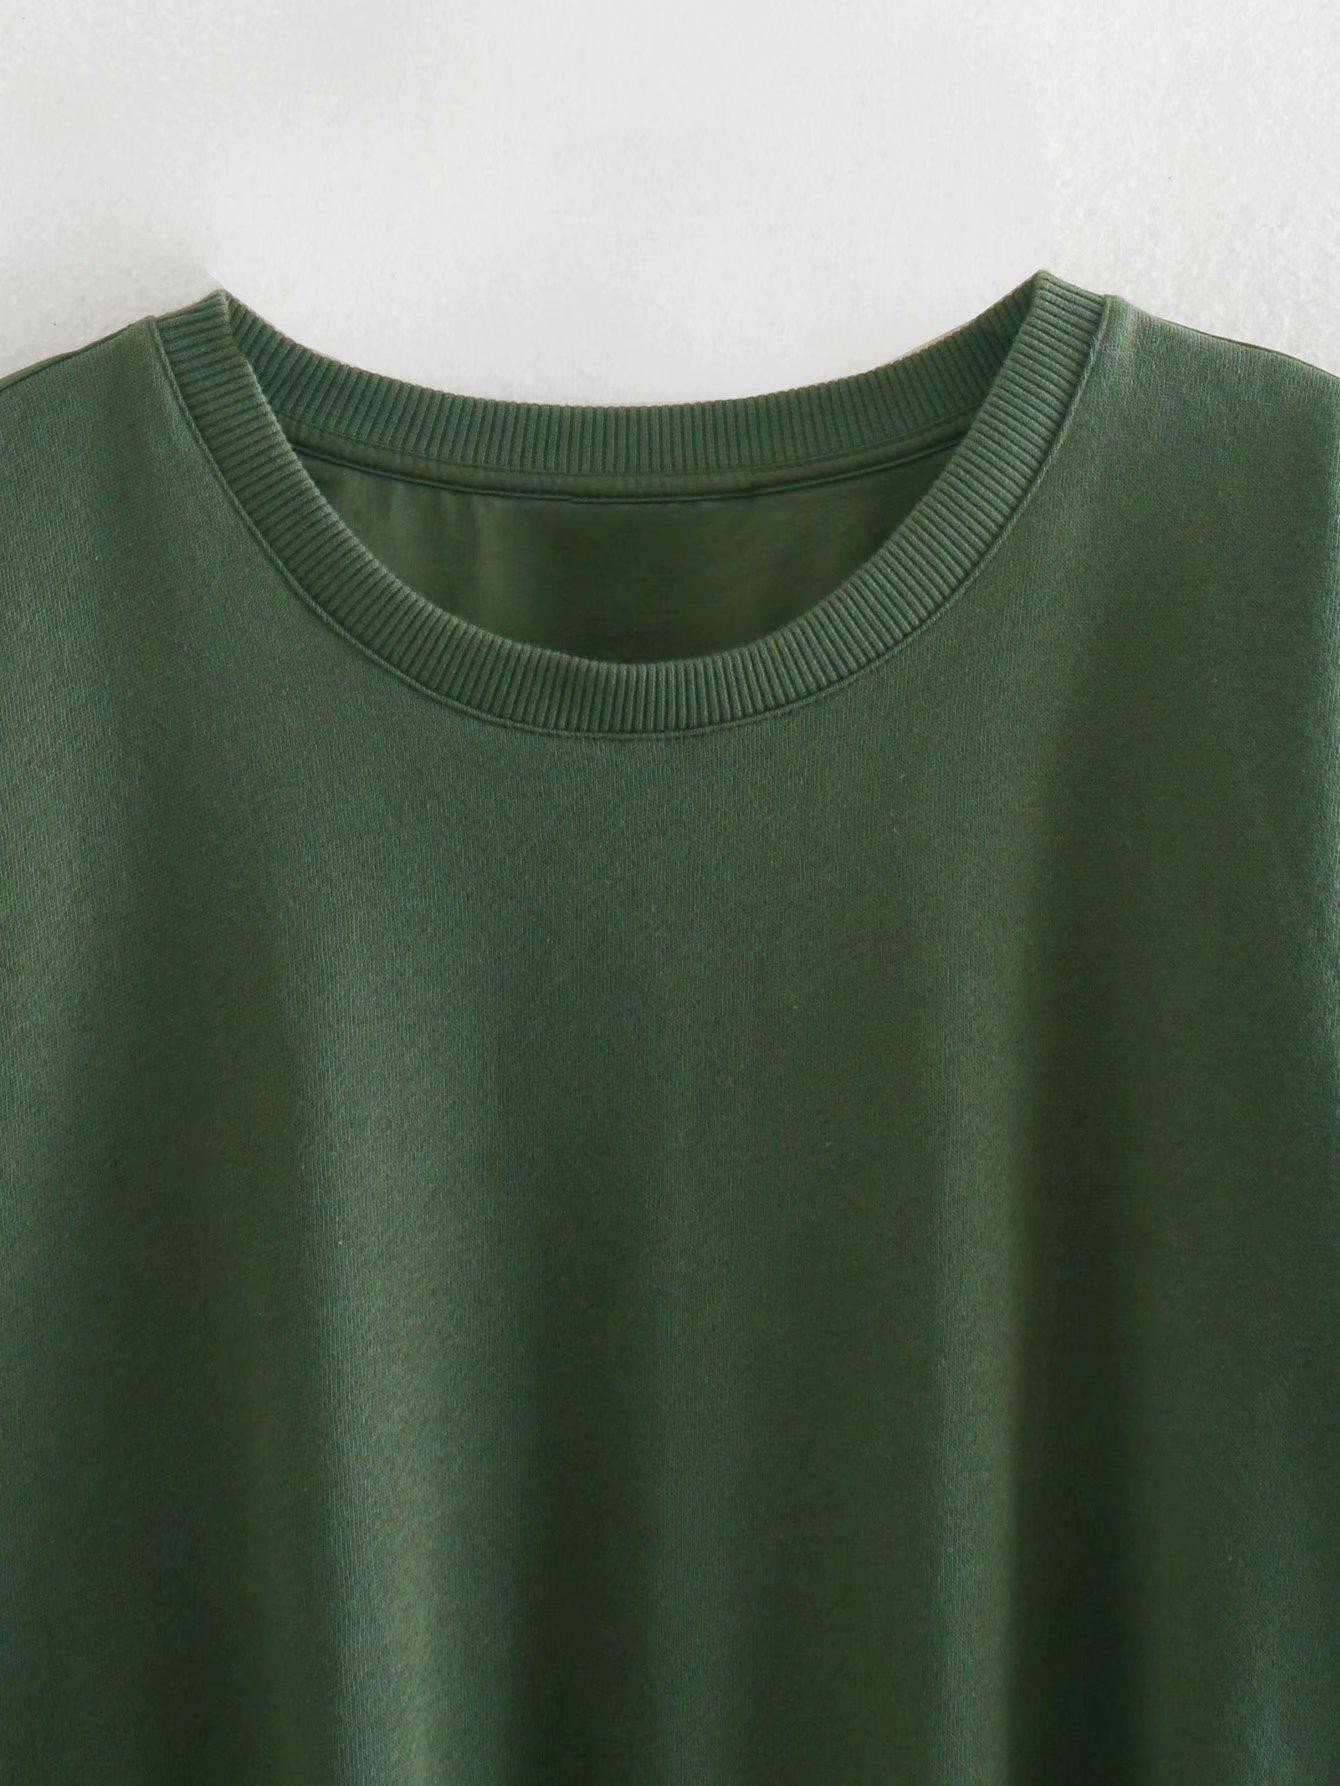 TopPies mujer verde sudaderas redondo cuello jerseys arco cintura elástica casual tops streetwear 2020